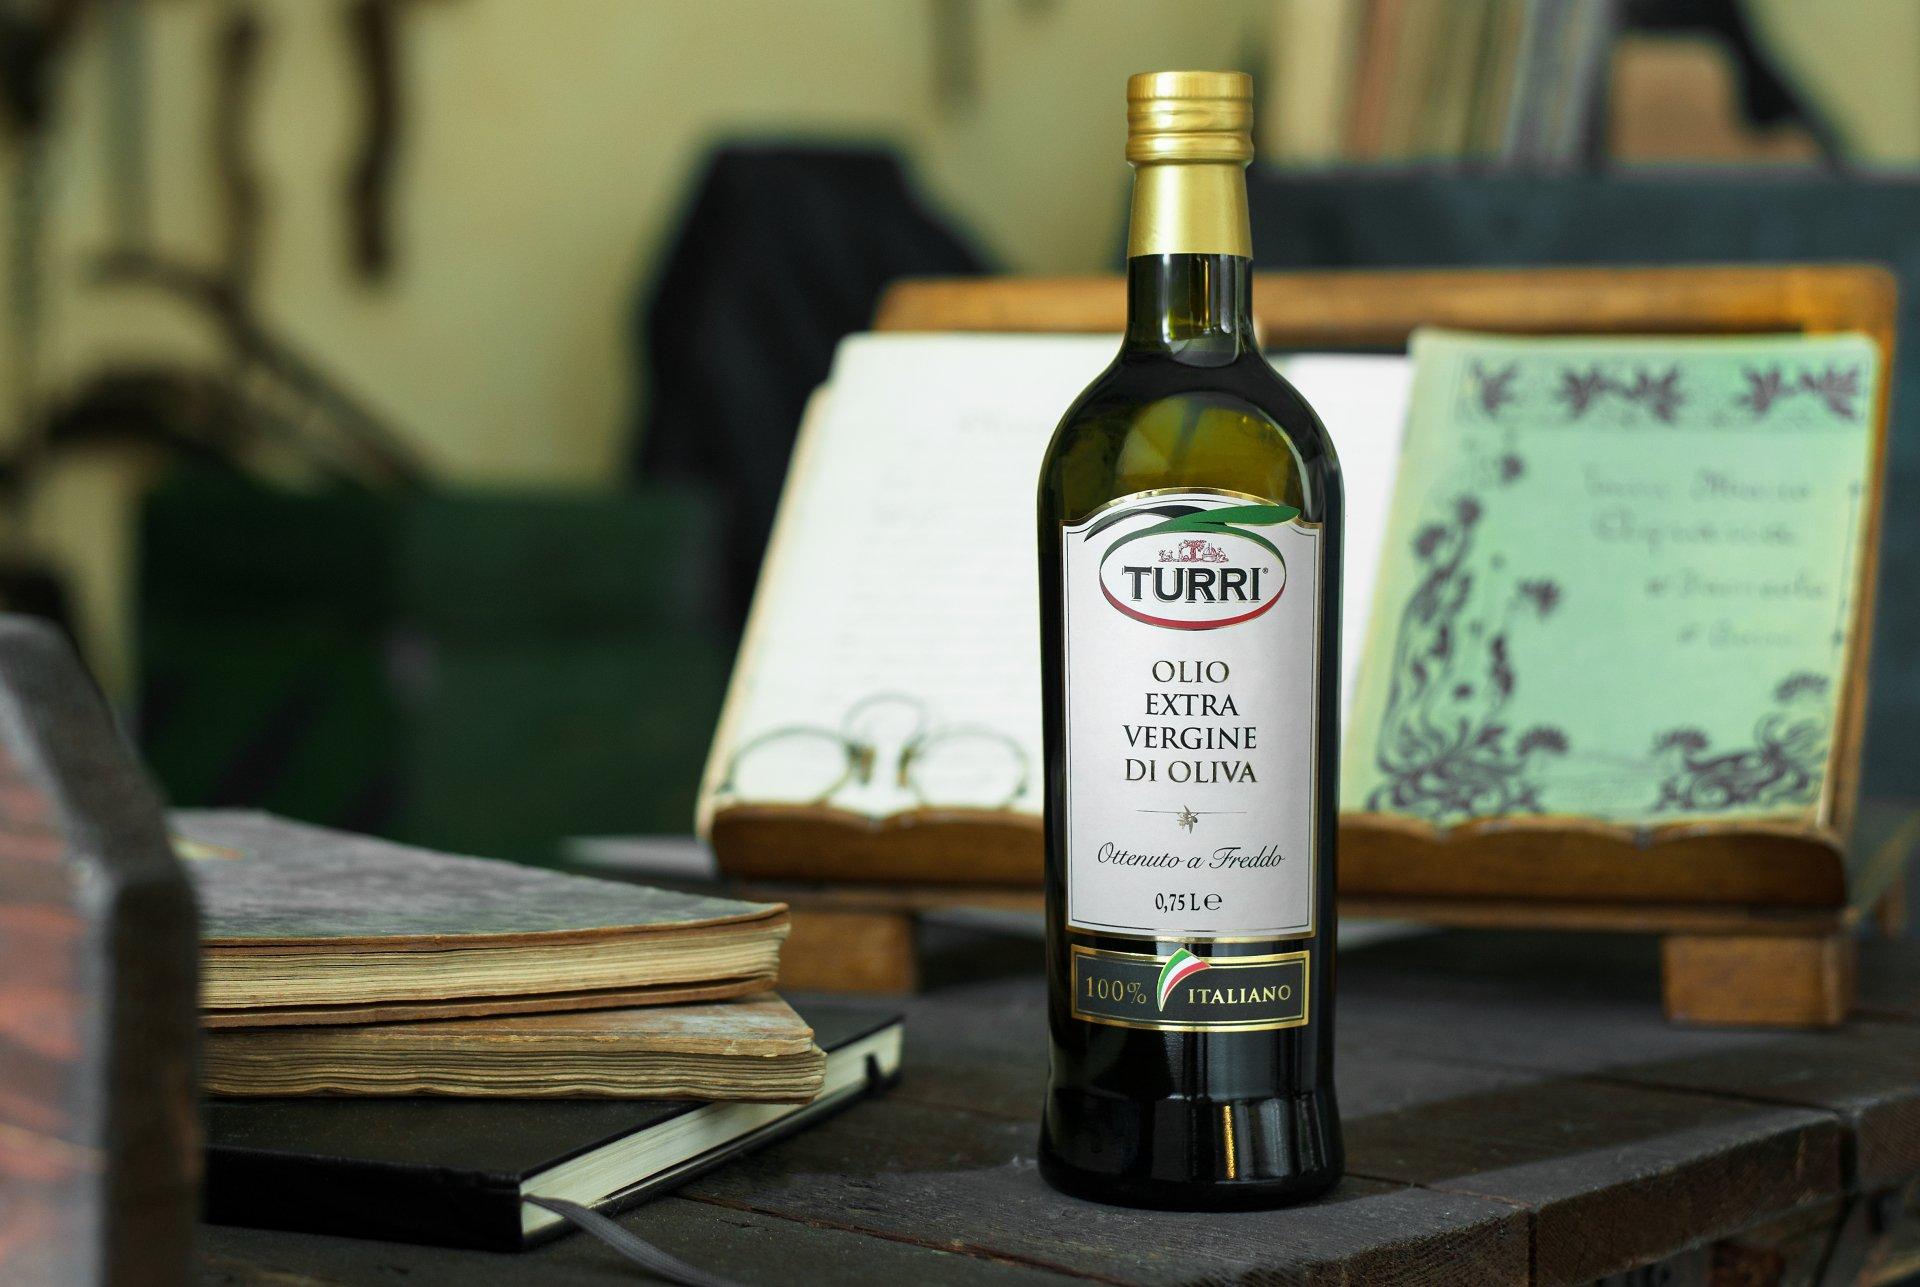 Una bottiglia dedicata alla ristorazione per l'olio Turri